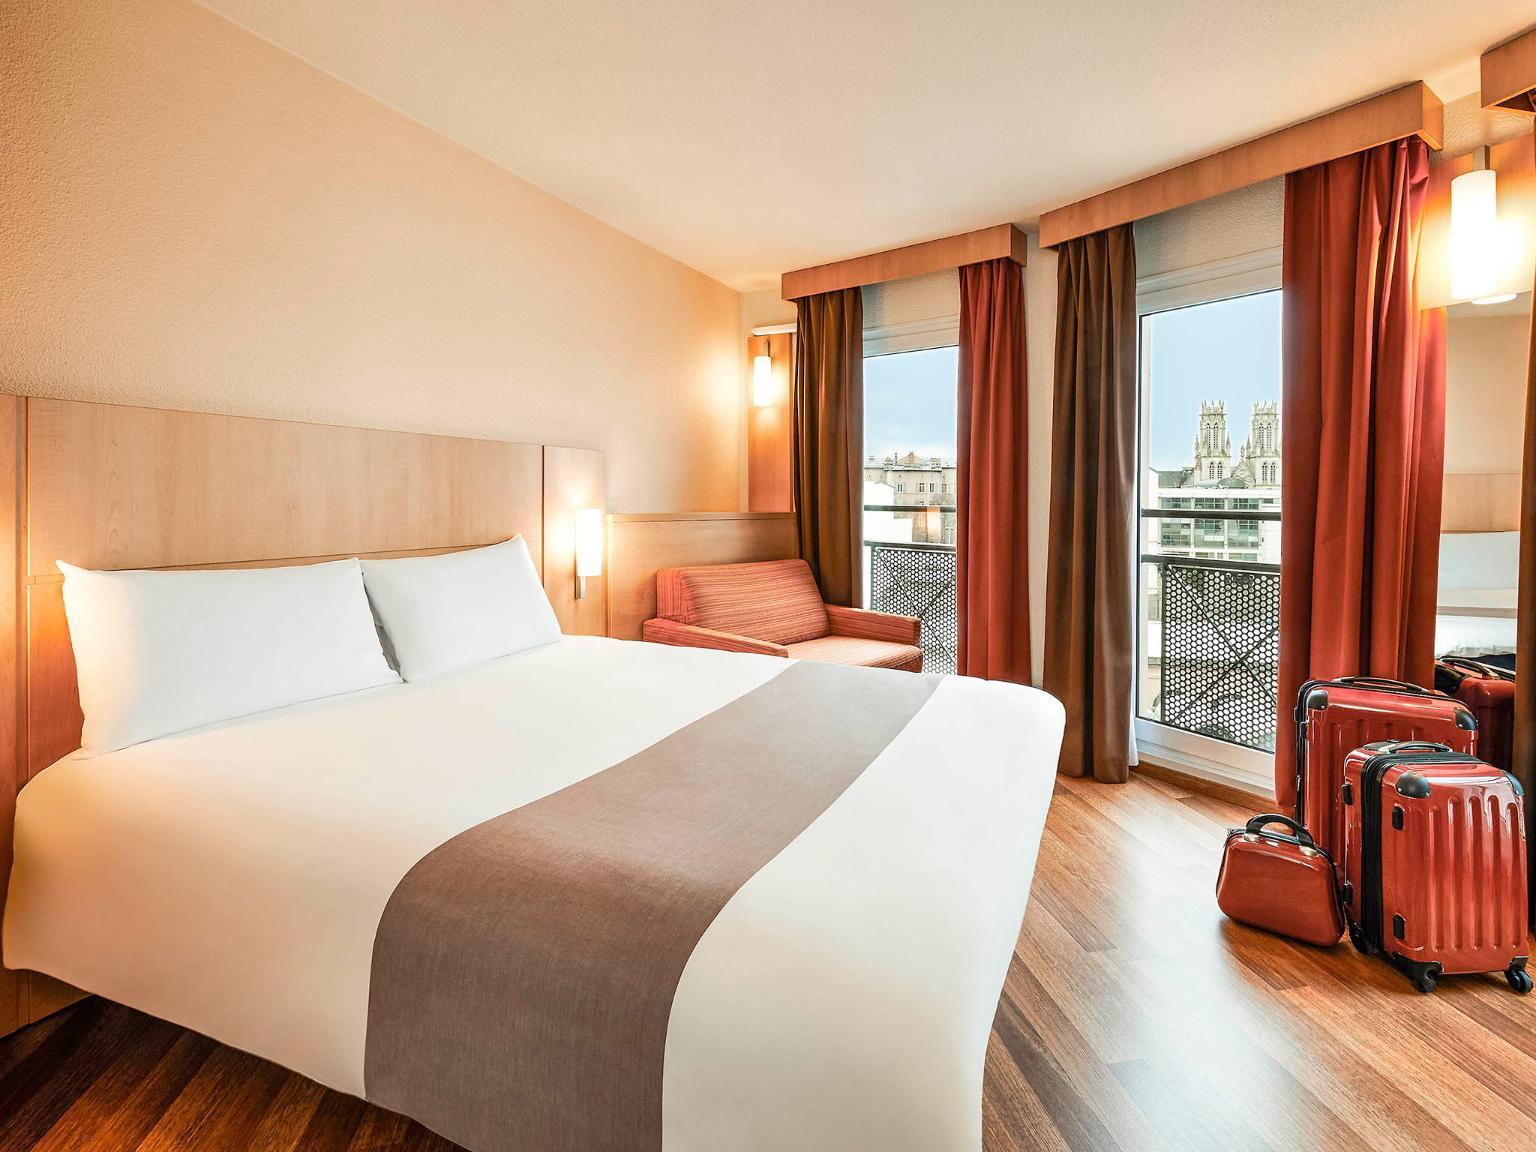 Hotel Ibis Nancy Centre Ville